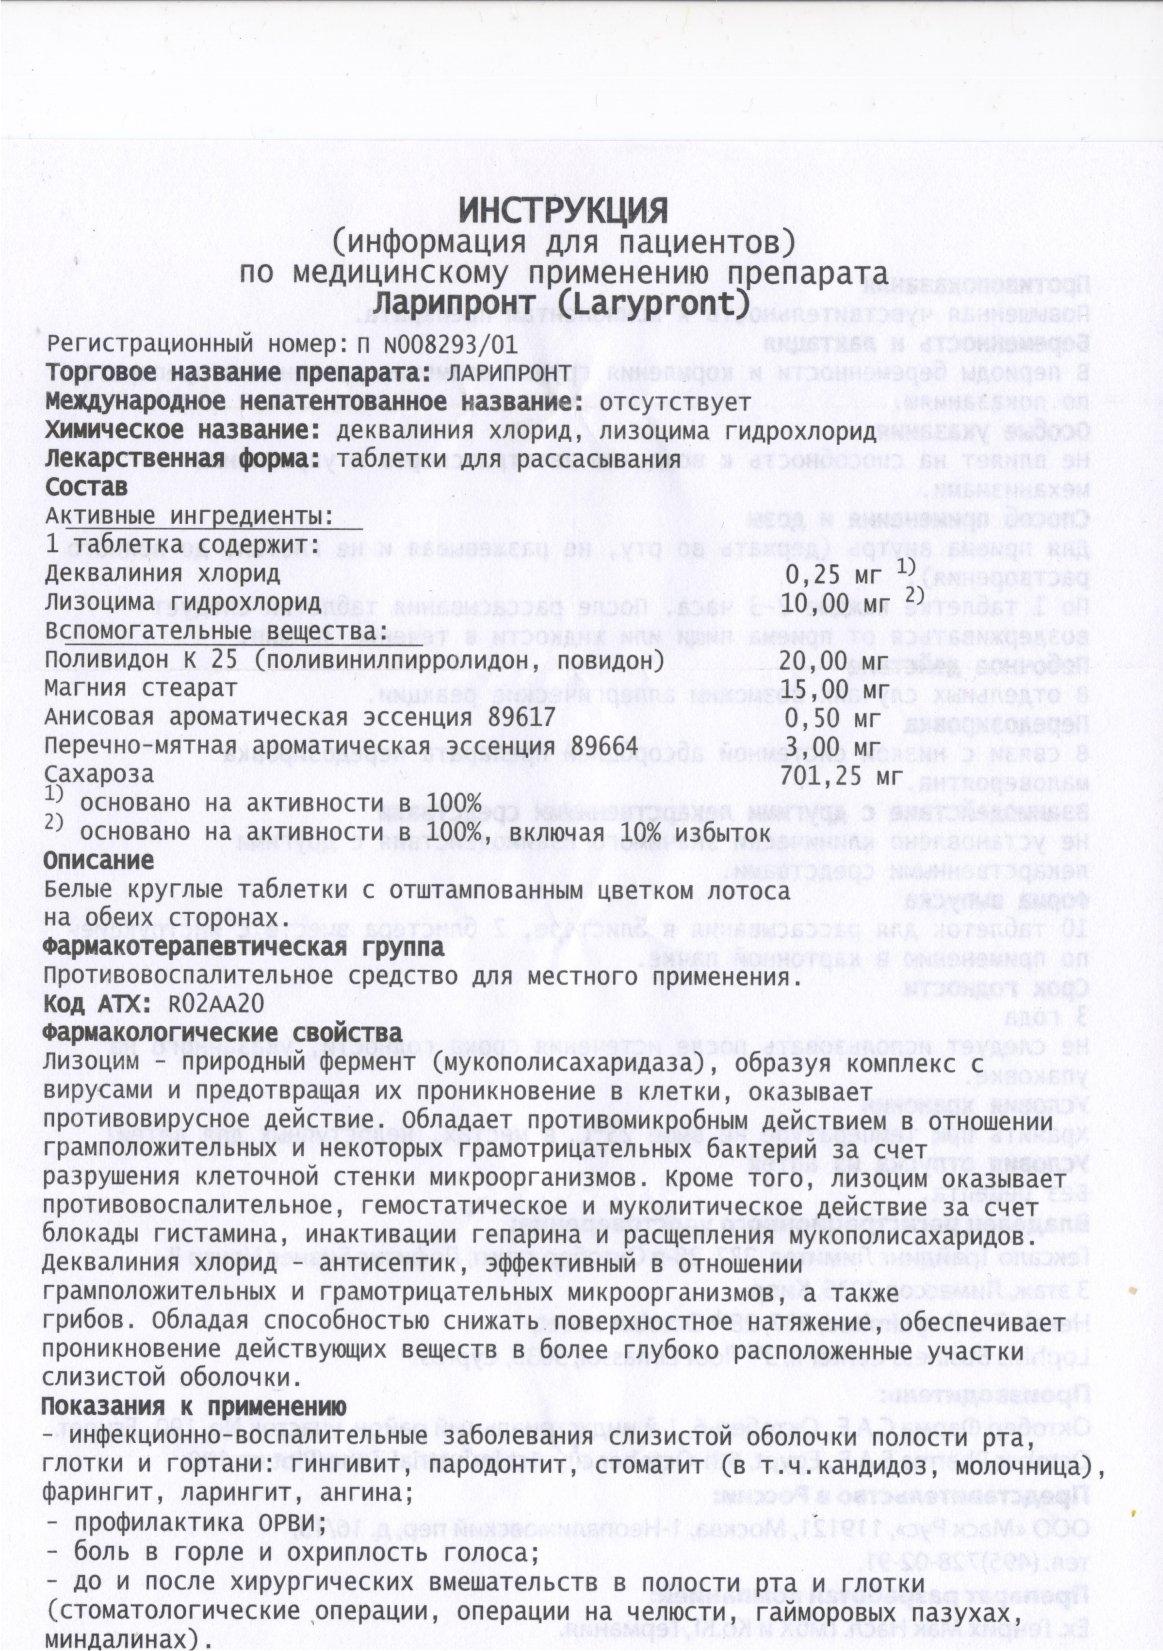 Инструкция по применению ларипронта